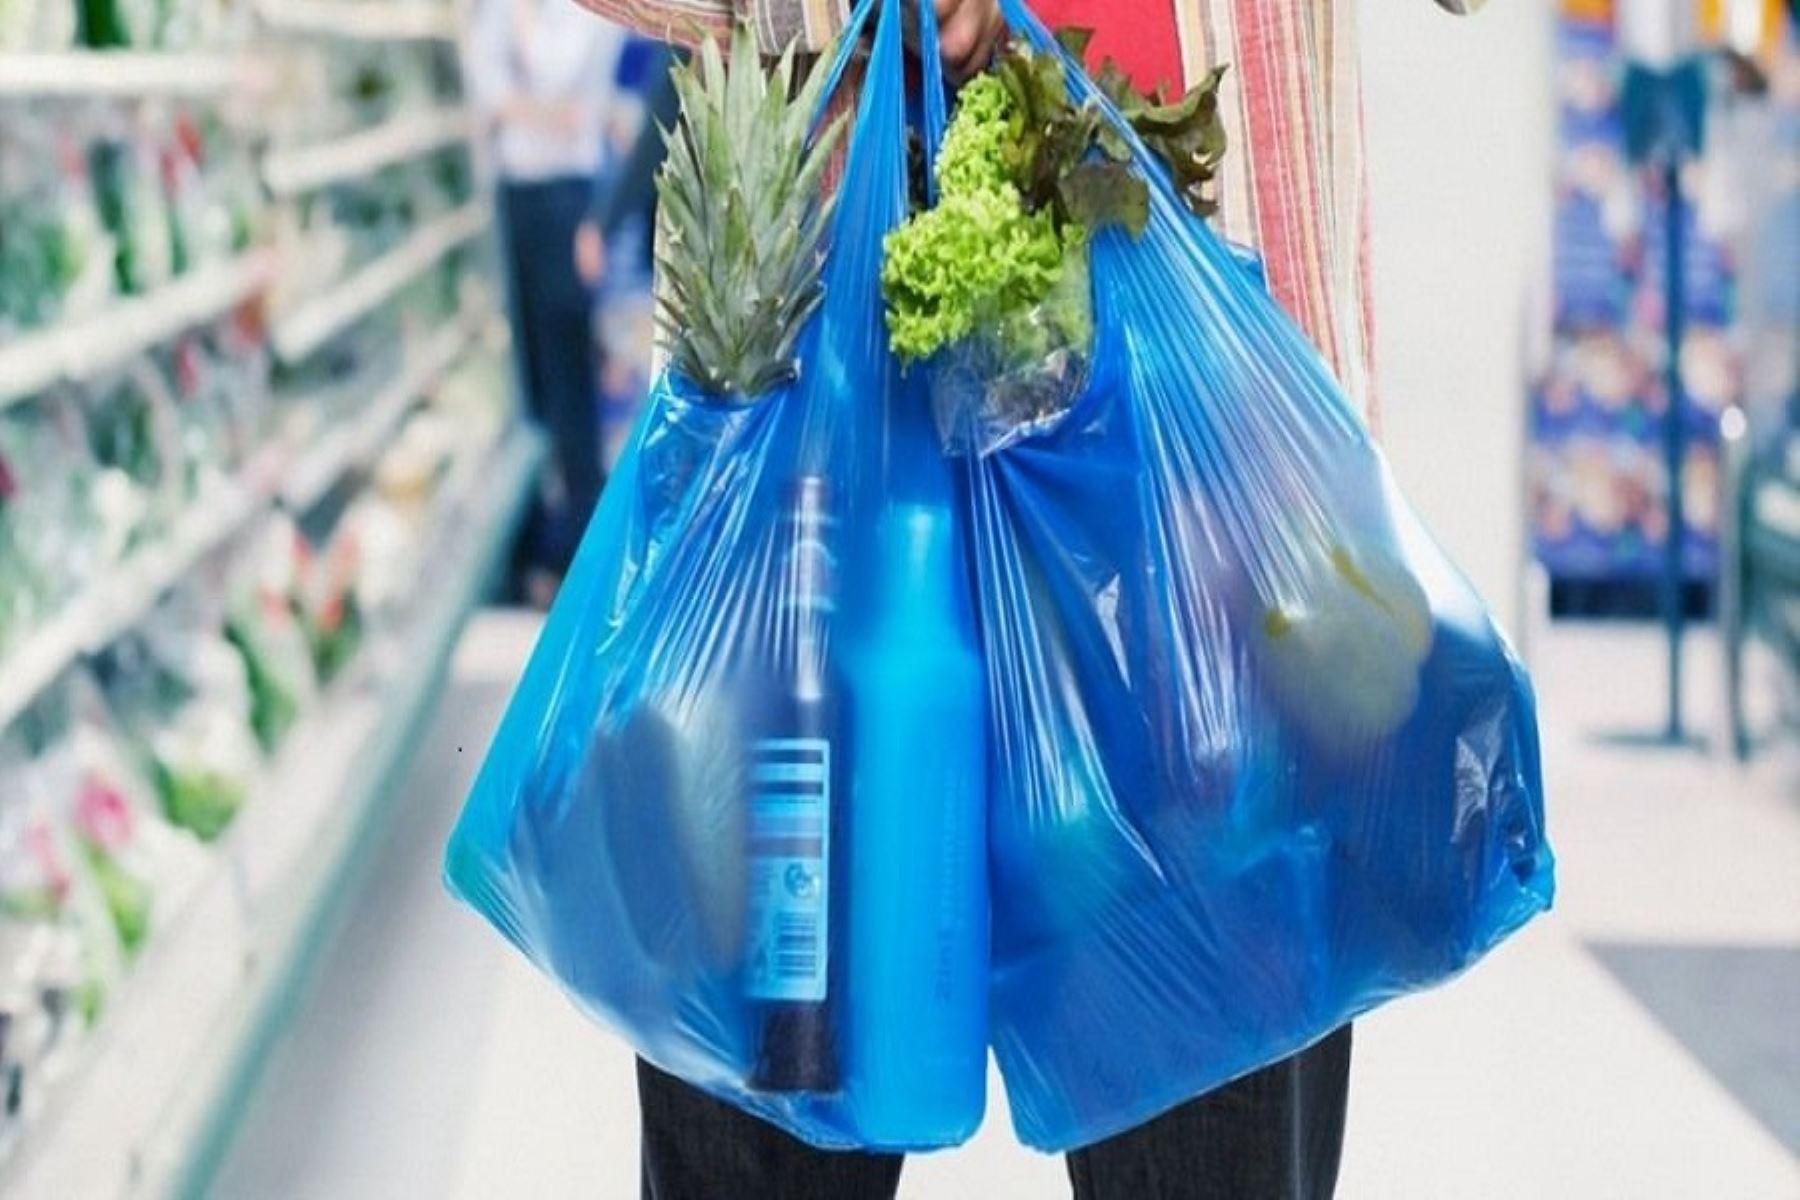 El Perú estará libre del plástico de un solo uso